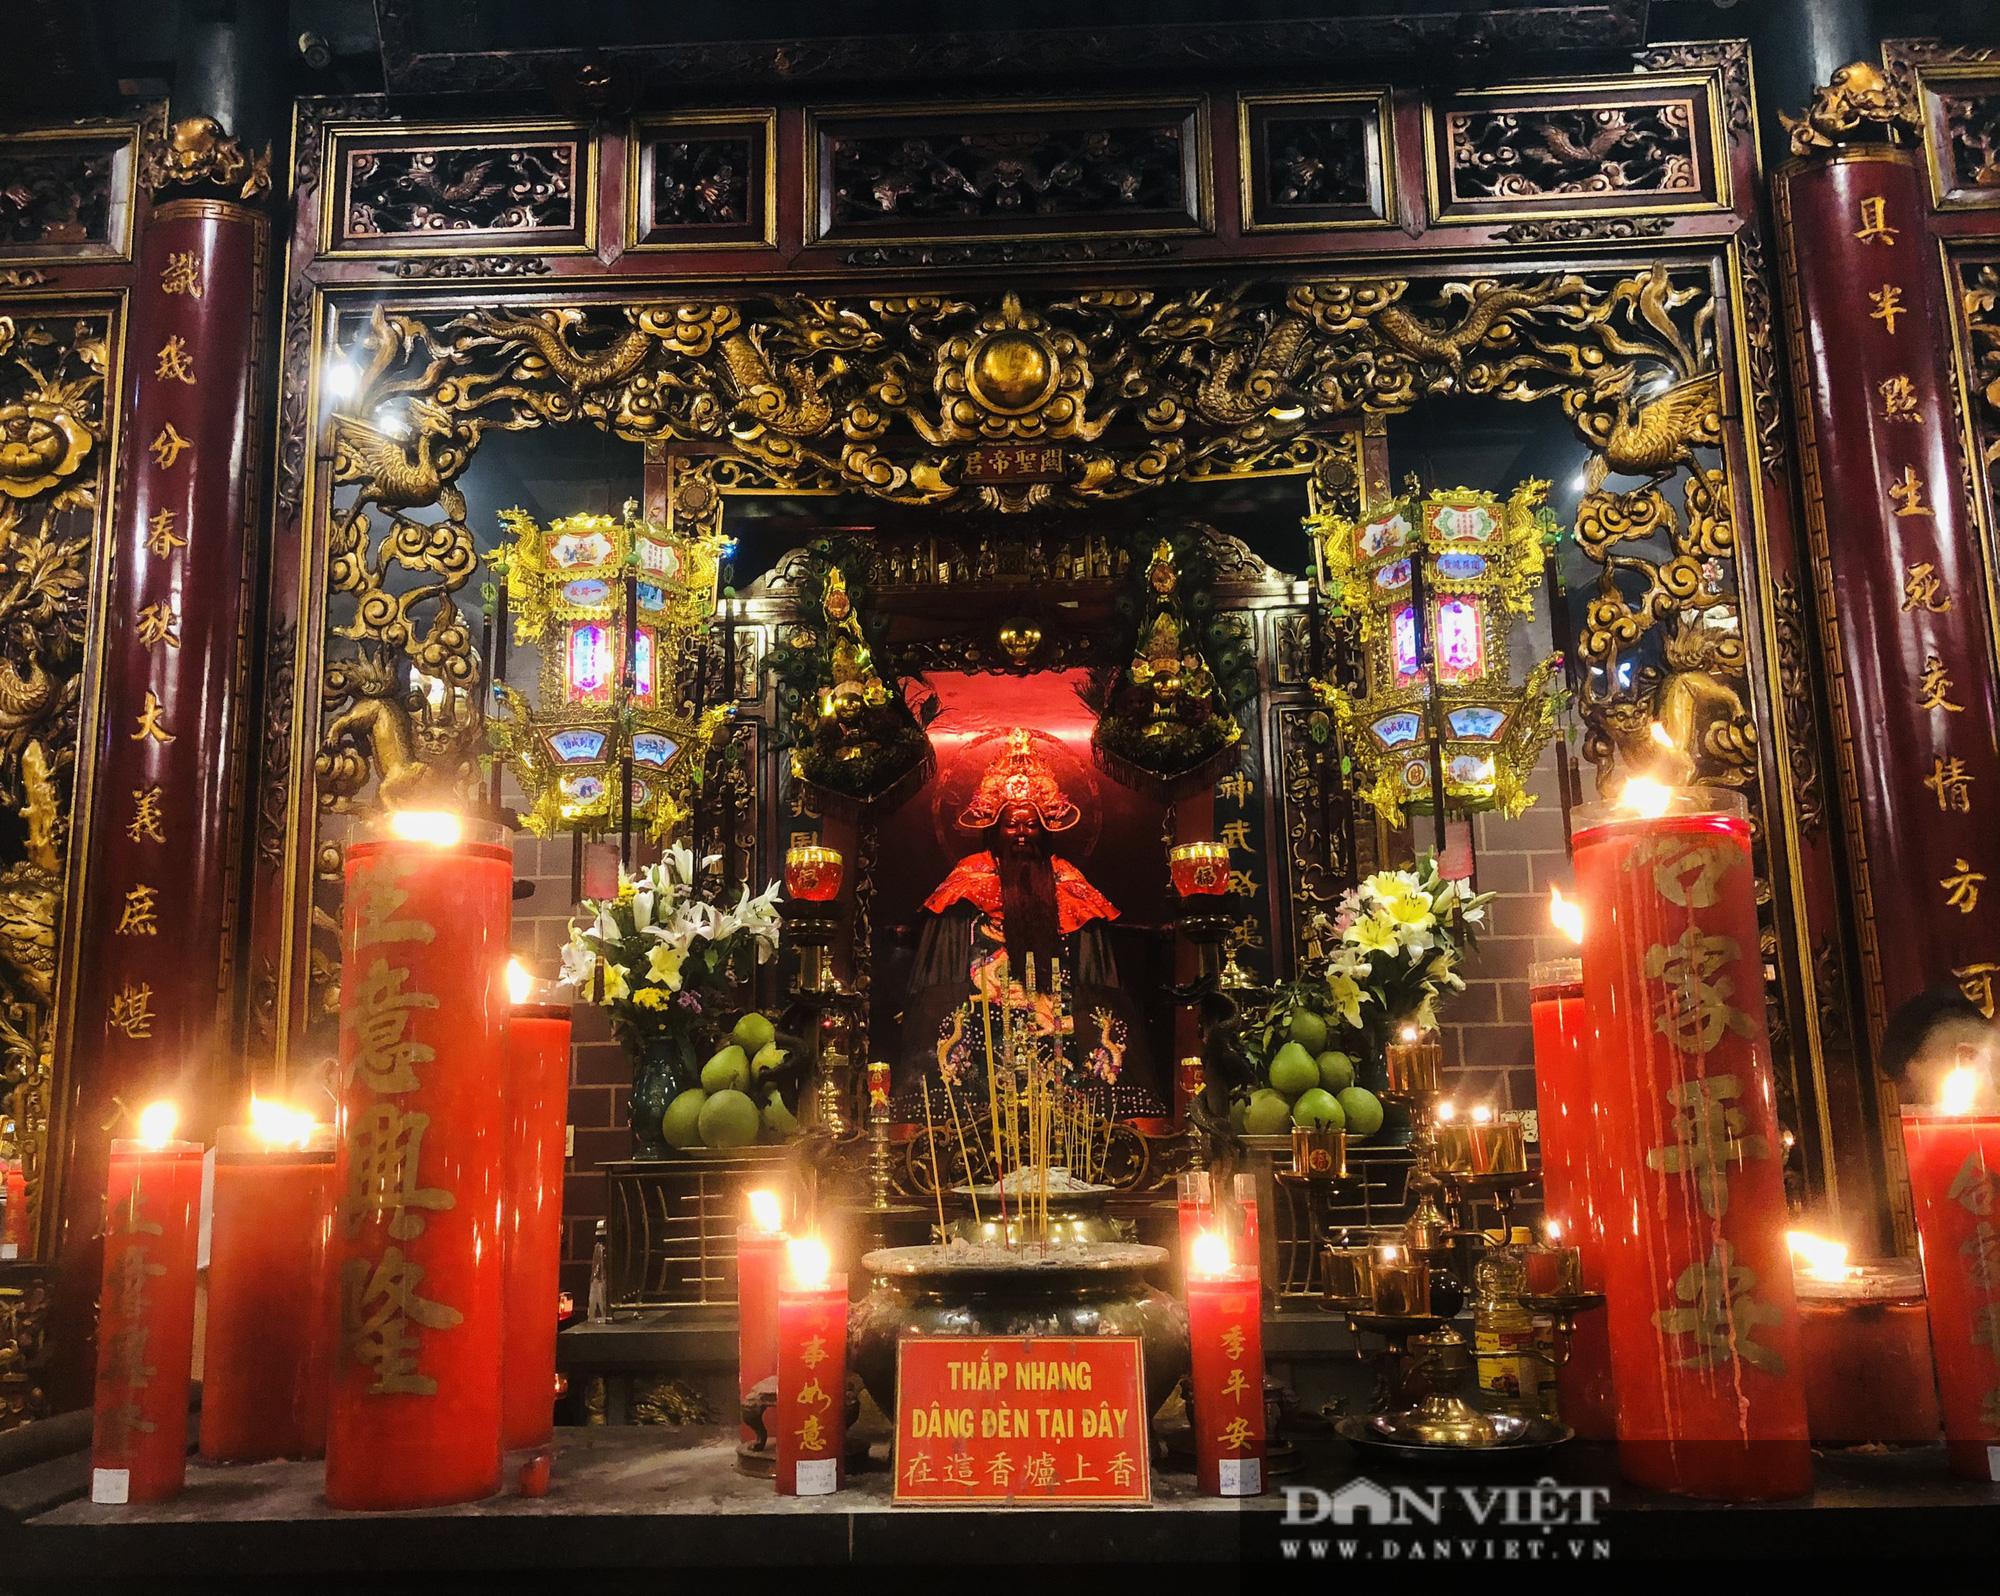 Thất phủ cổ miếu: Ngôi chùa Hoa đầu tiên ở Nam Bộ, nơi giao thoa giữa hai nền văn hoá Việt – Hoa - Ảnh 4.